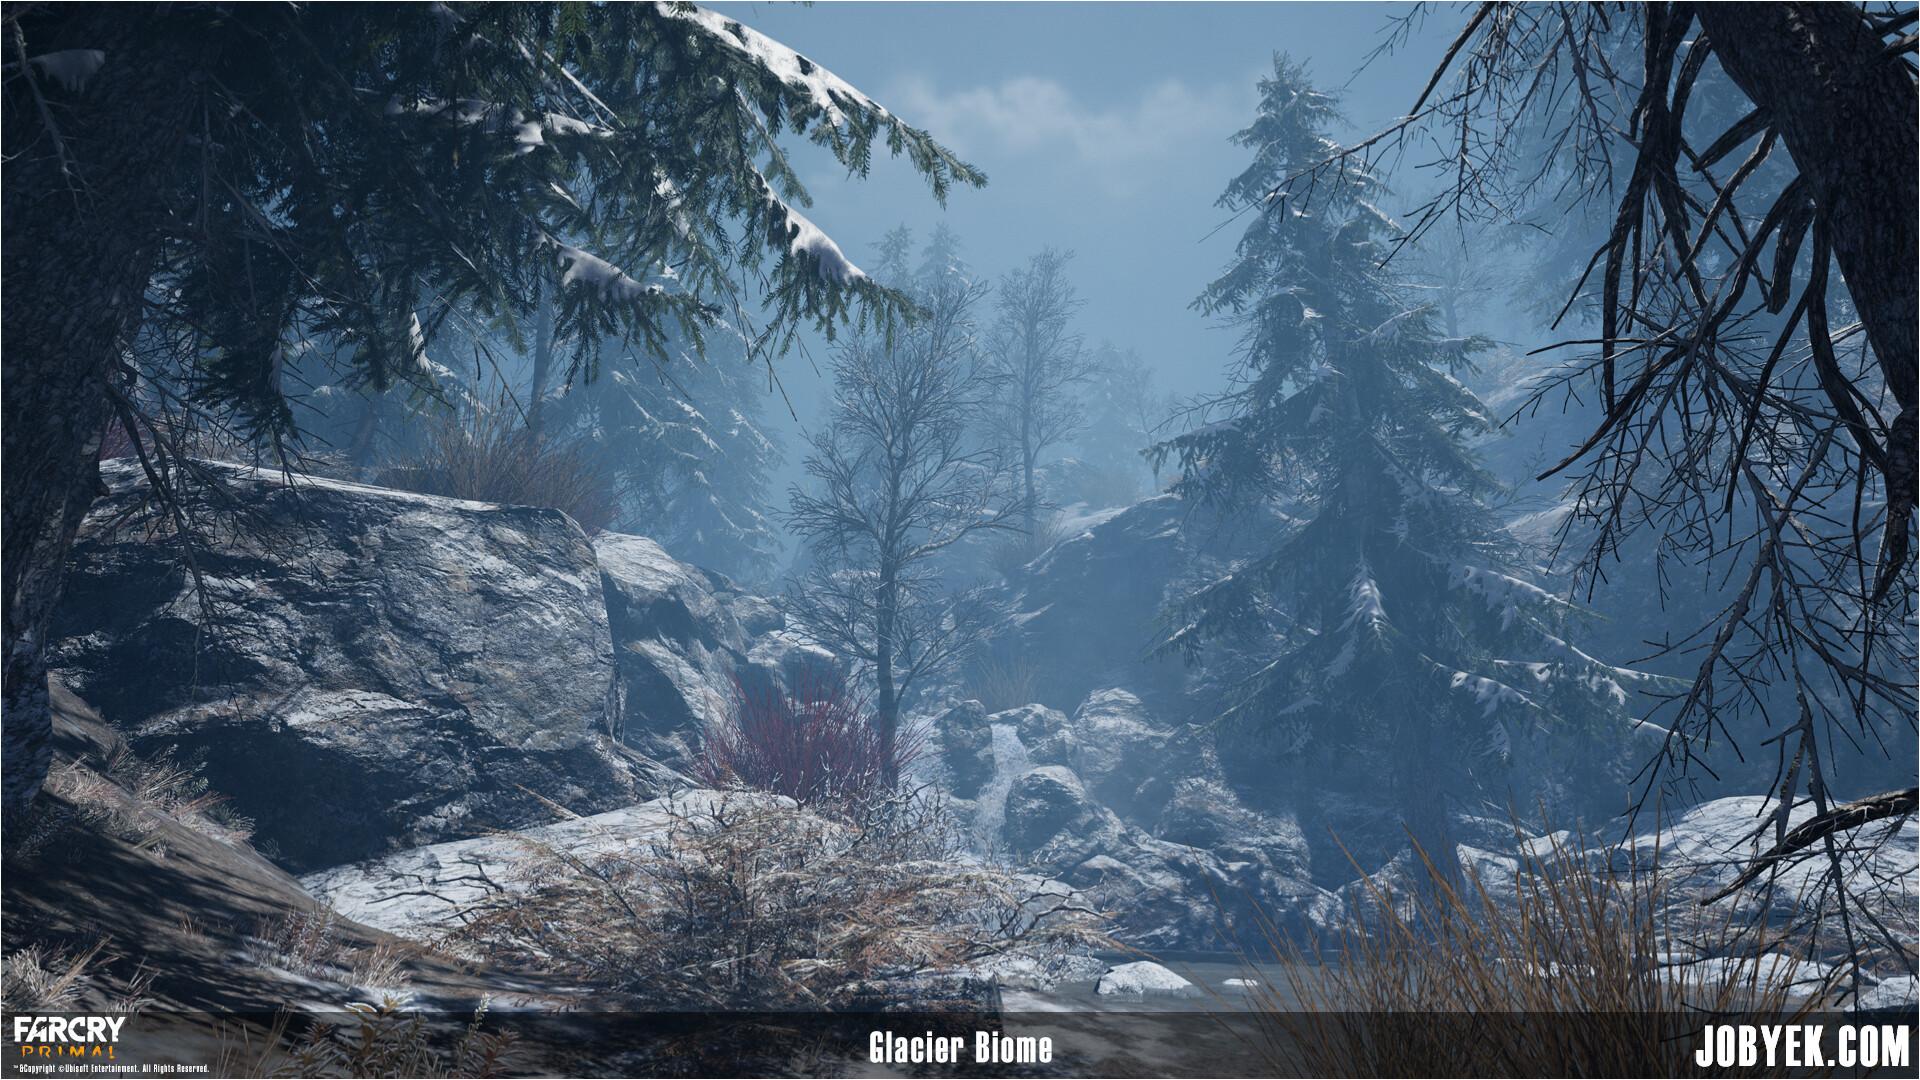 Glacier Biome